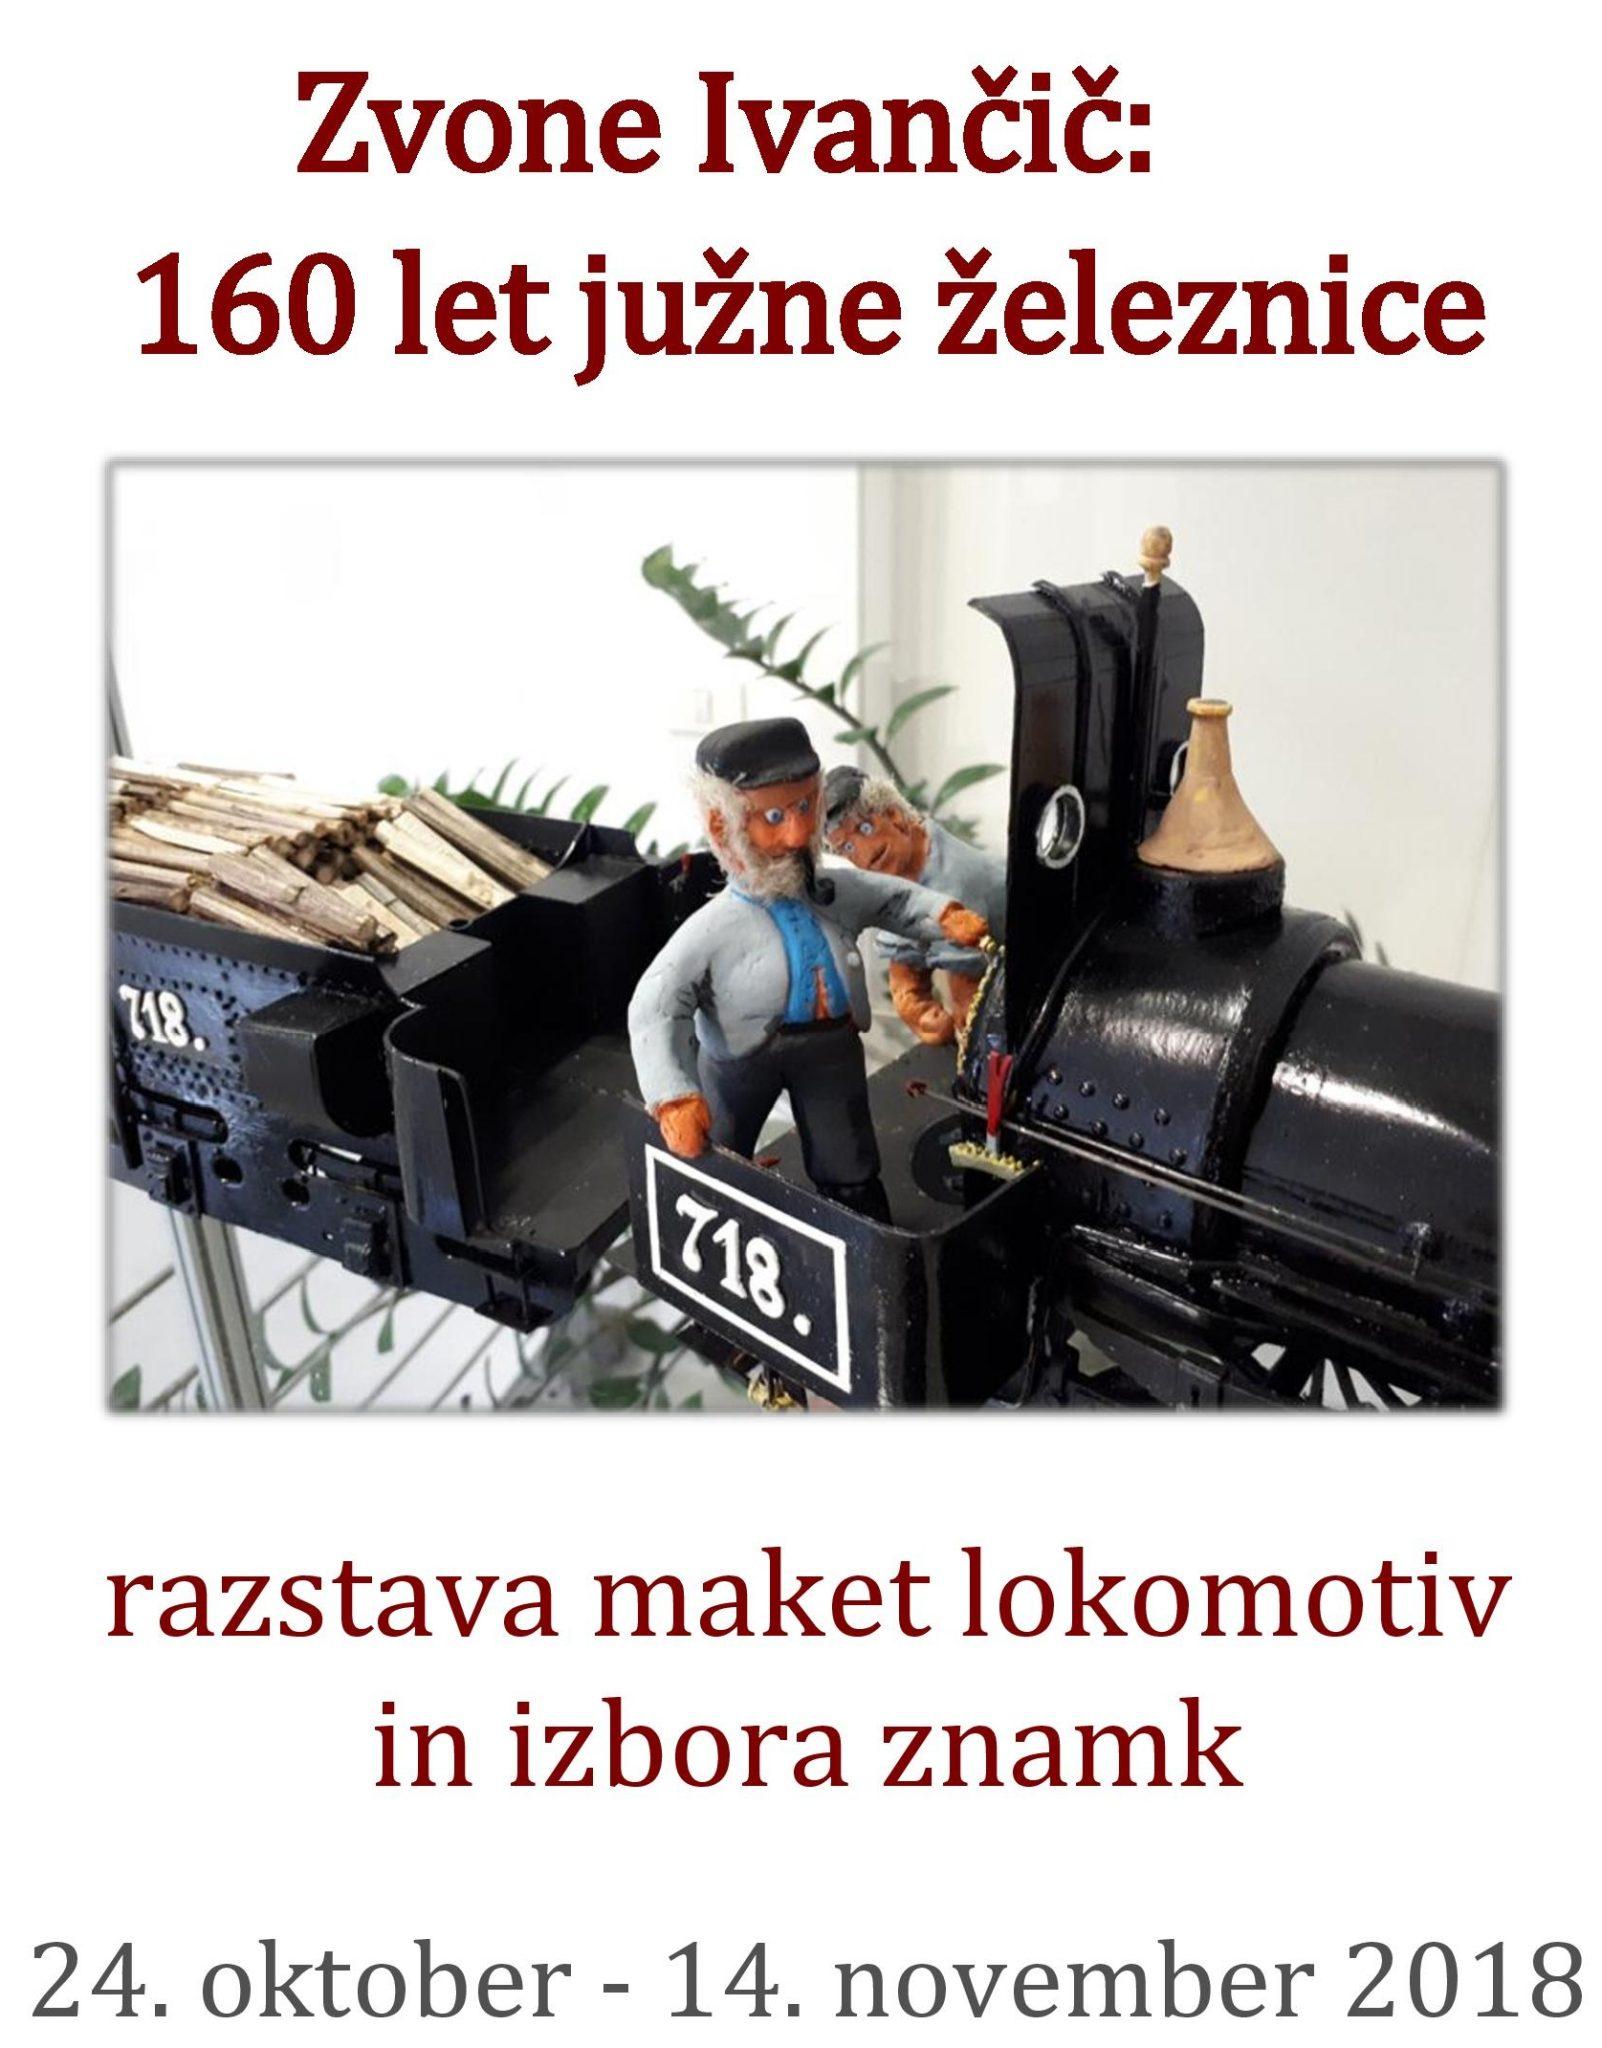 cover 9 - Zvone Ivančič: 160 let južne železnice – razstava maket lokomotiv in izbora znamk